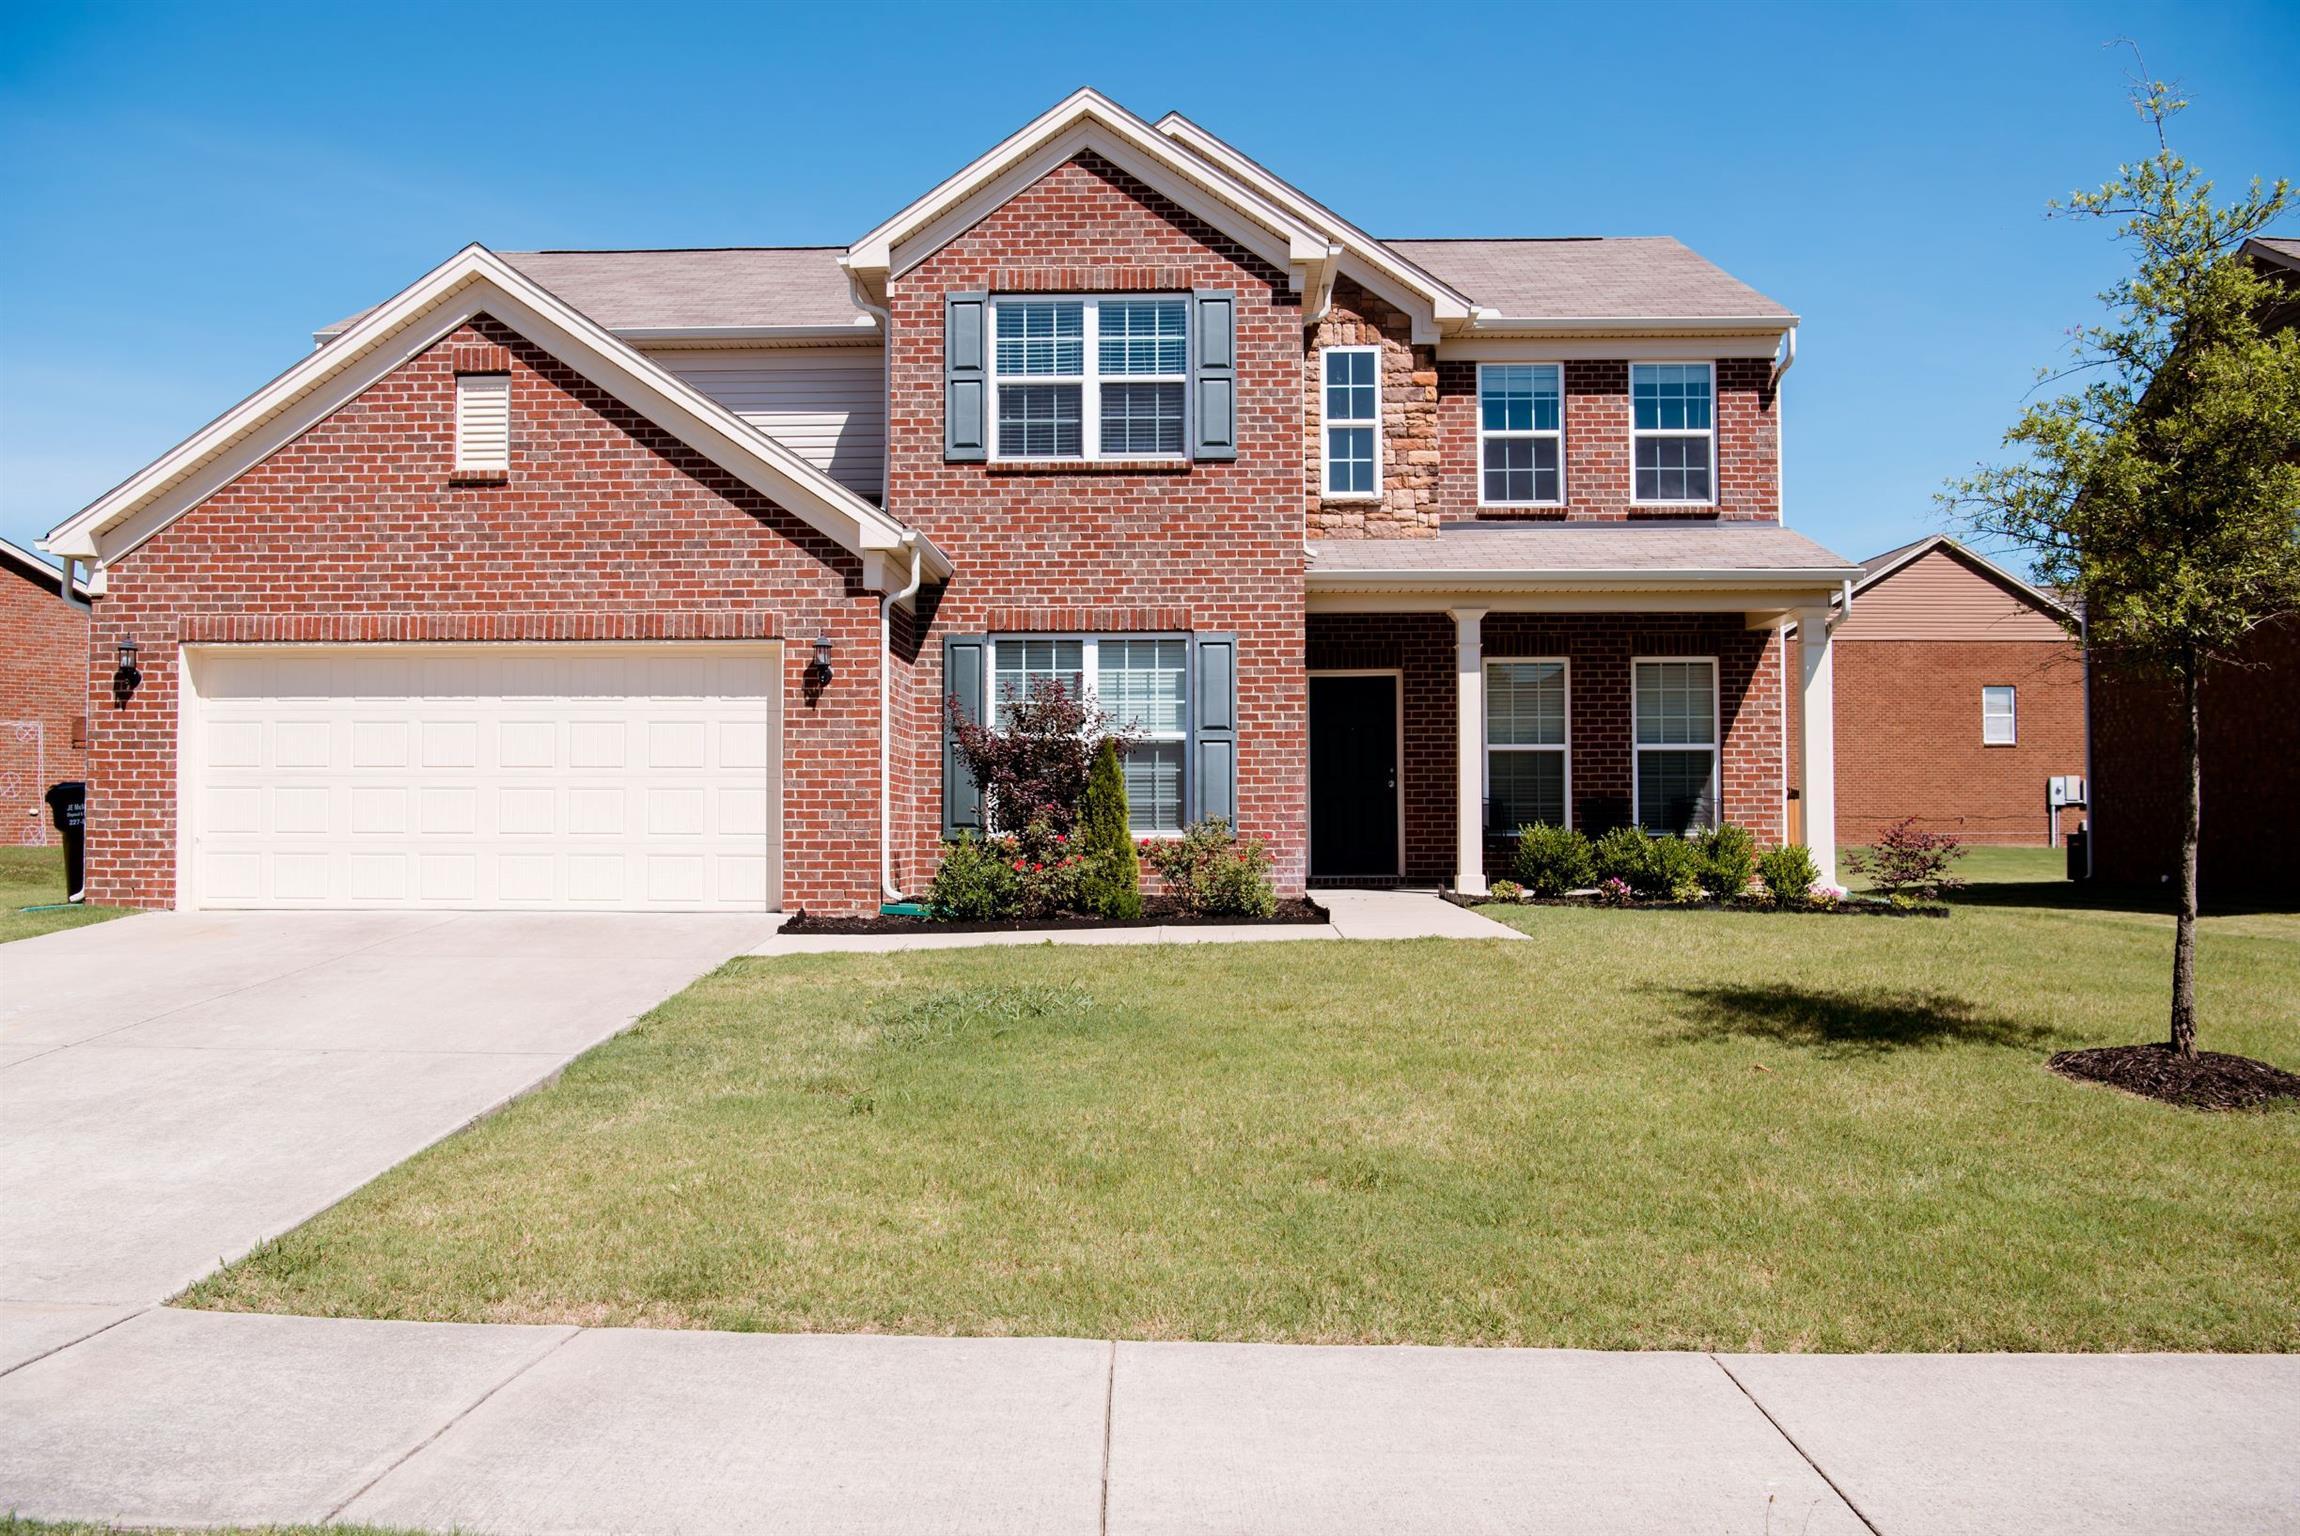 1014 Merrick Rd 37075 - One of Hendersonville Homes for Sale